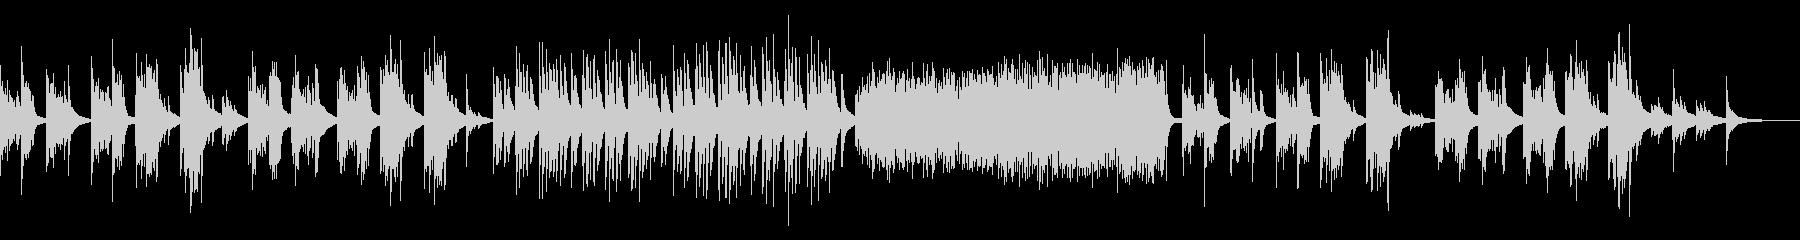 メランコリックなピアノ しっとり 淡々の未再生の波形